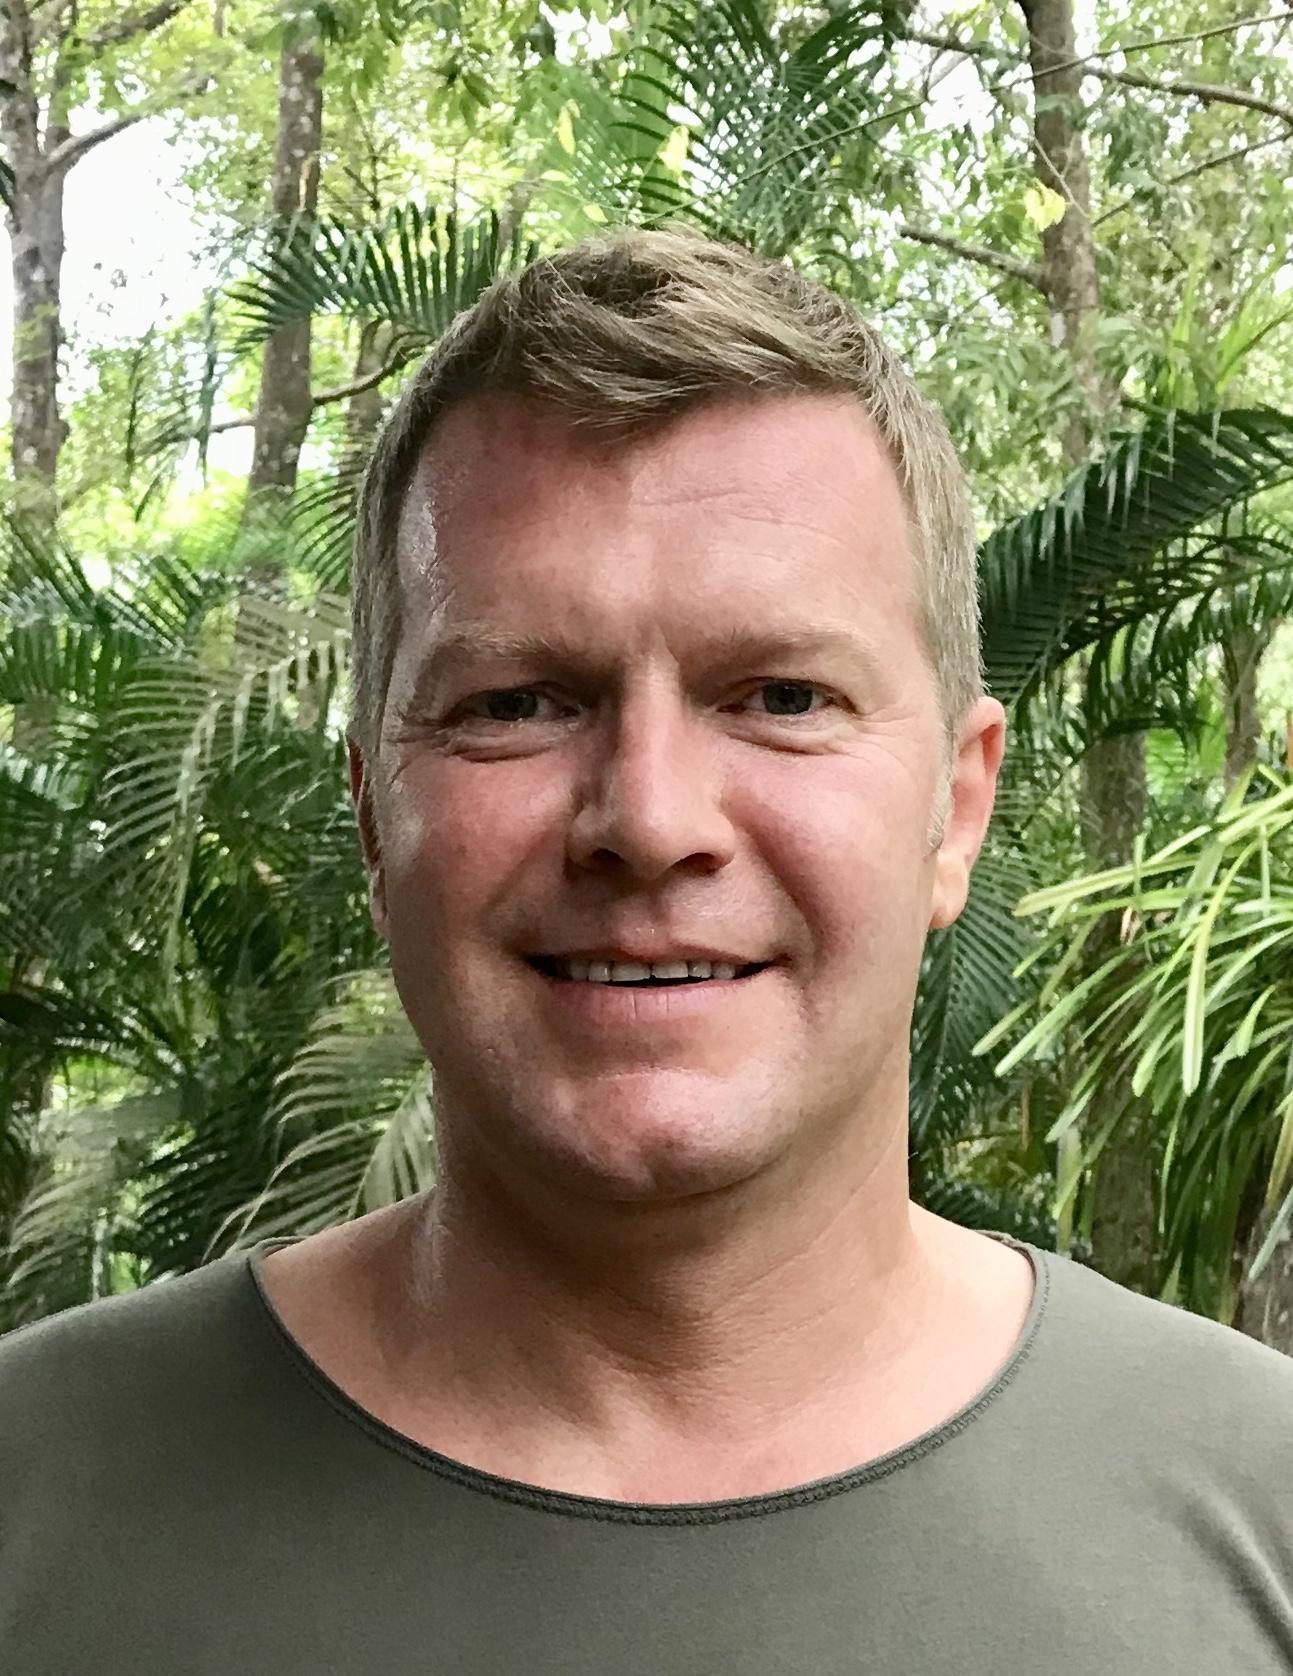 Rupert Trustee